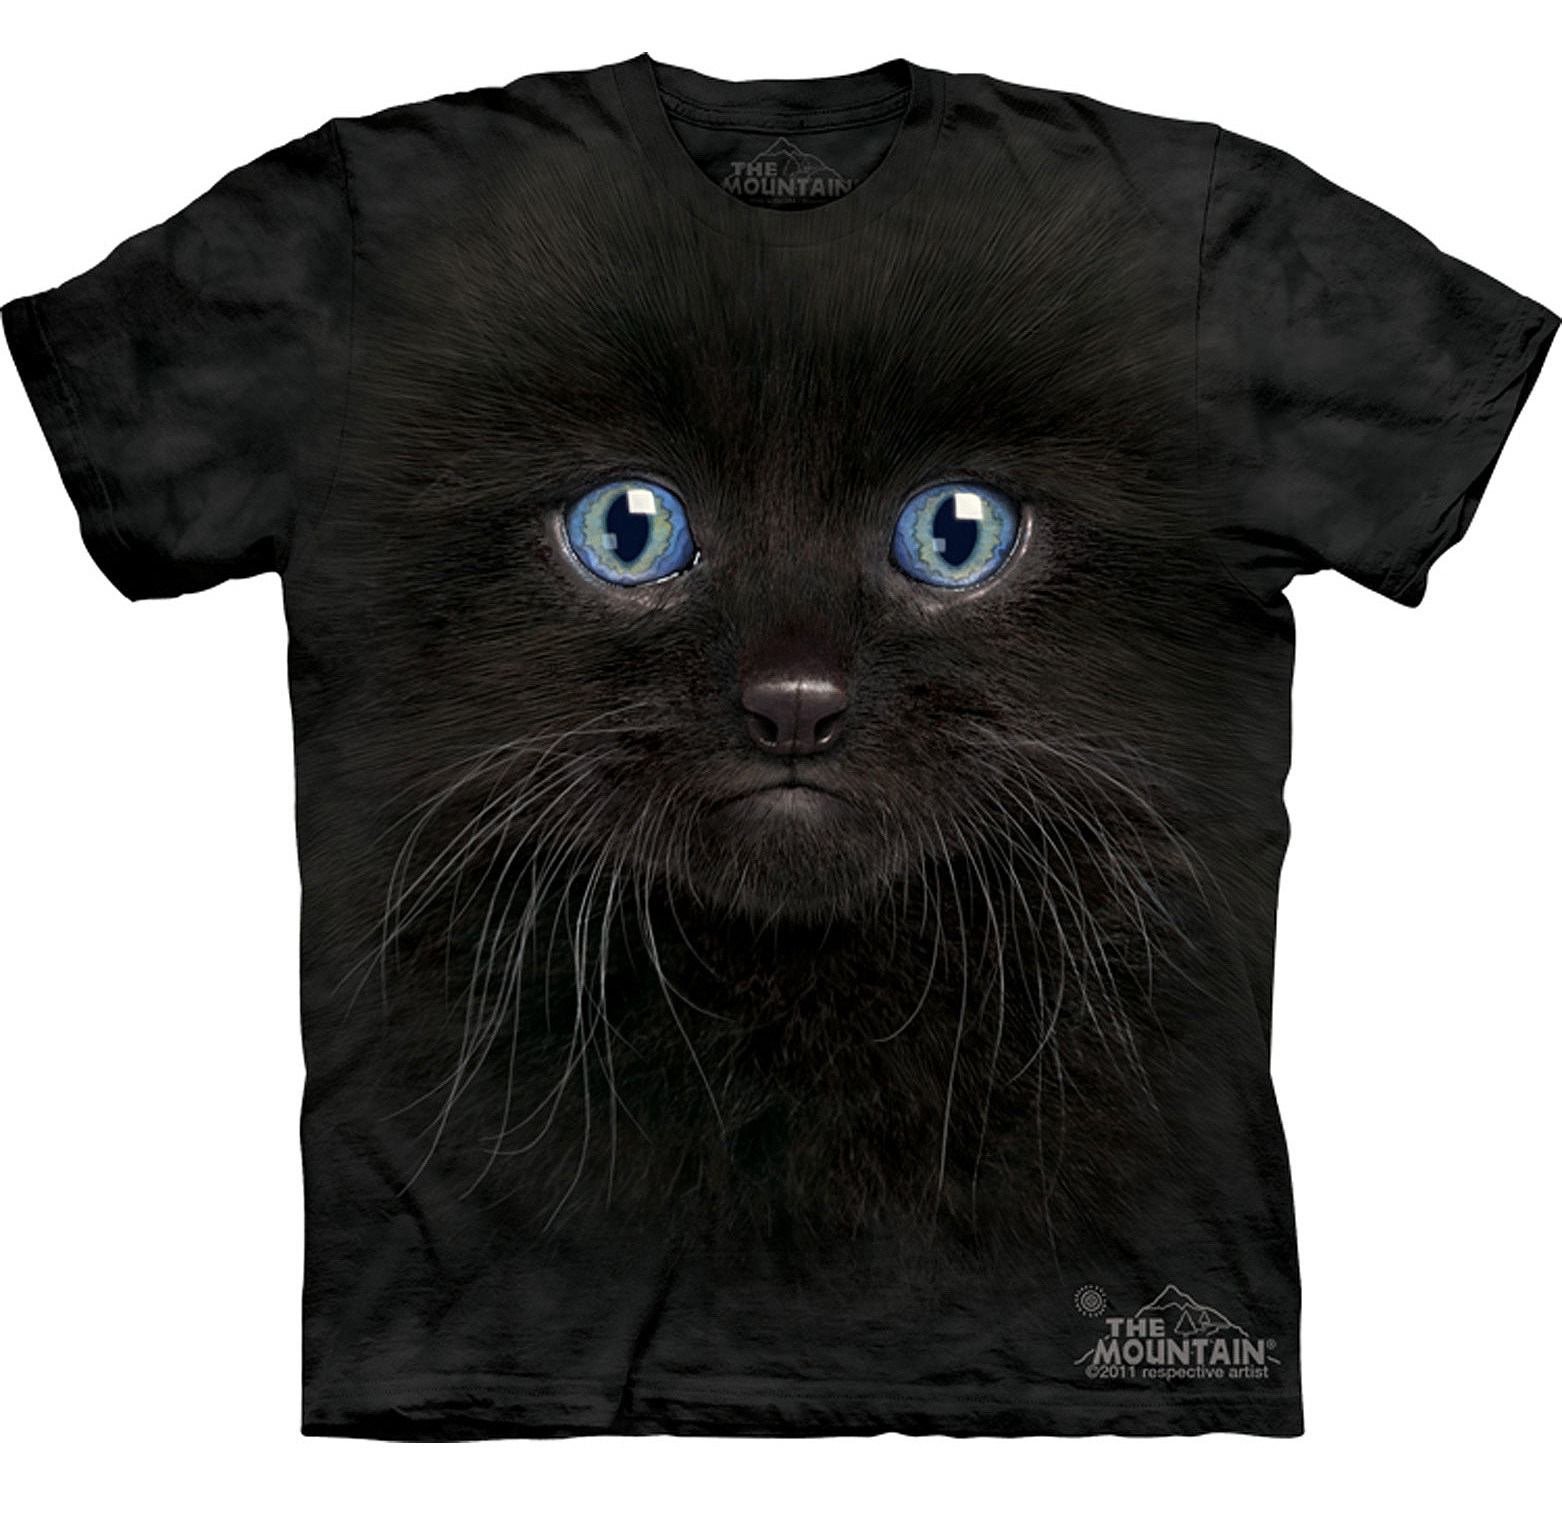 Футболка The Mountain Black kitten face